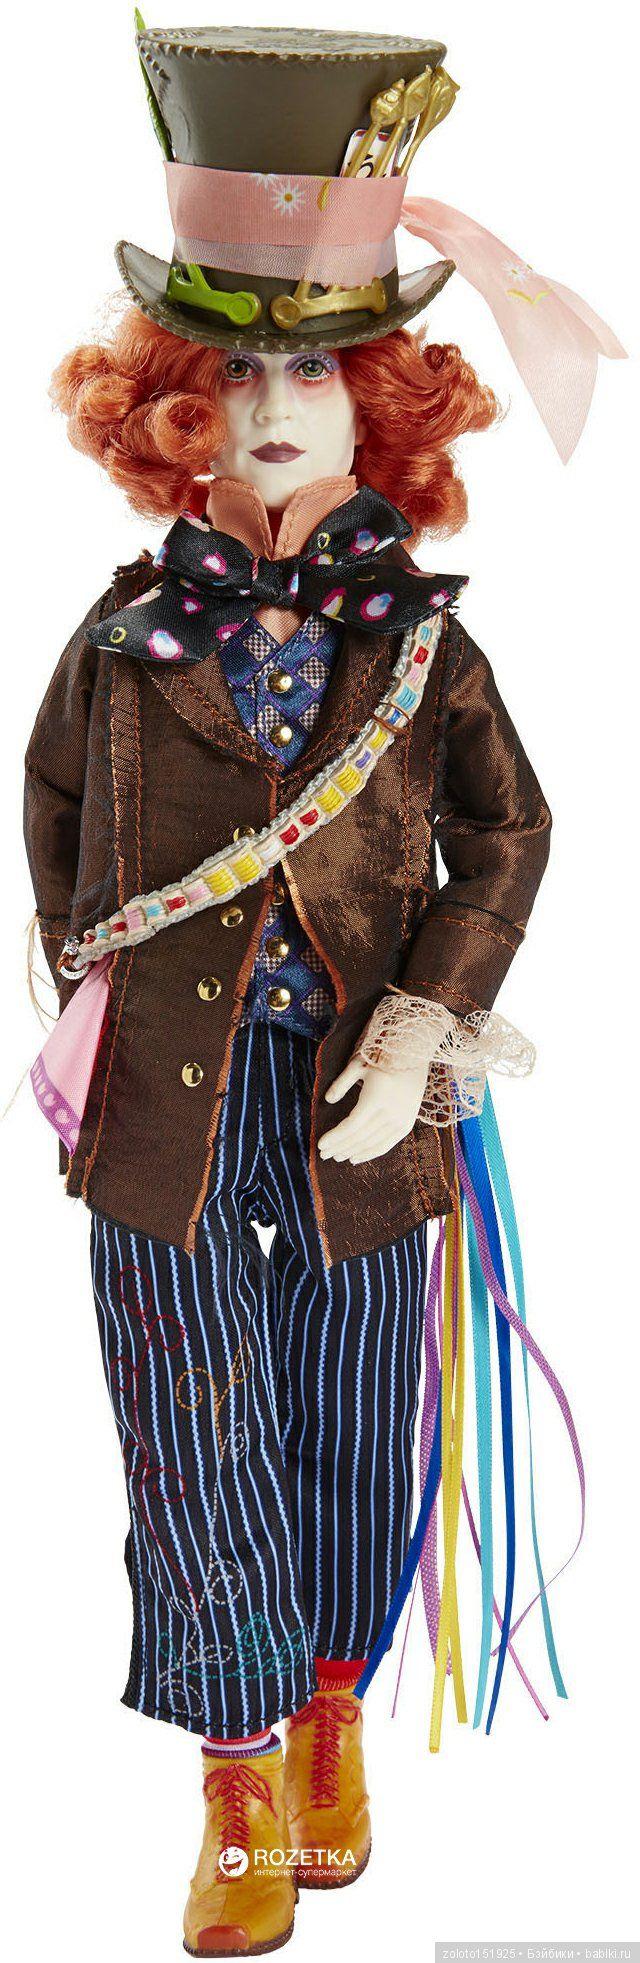 кукла Безумный шляпник / Коллекционные, интерактивные игрушки / Шопик. Продать купить куклу / Бэйбики. Куклы фото. Одежда для кукол